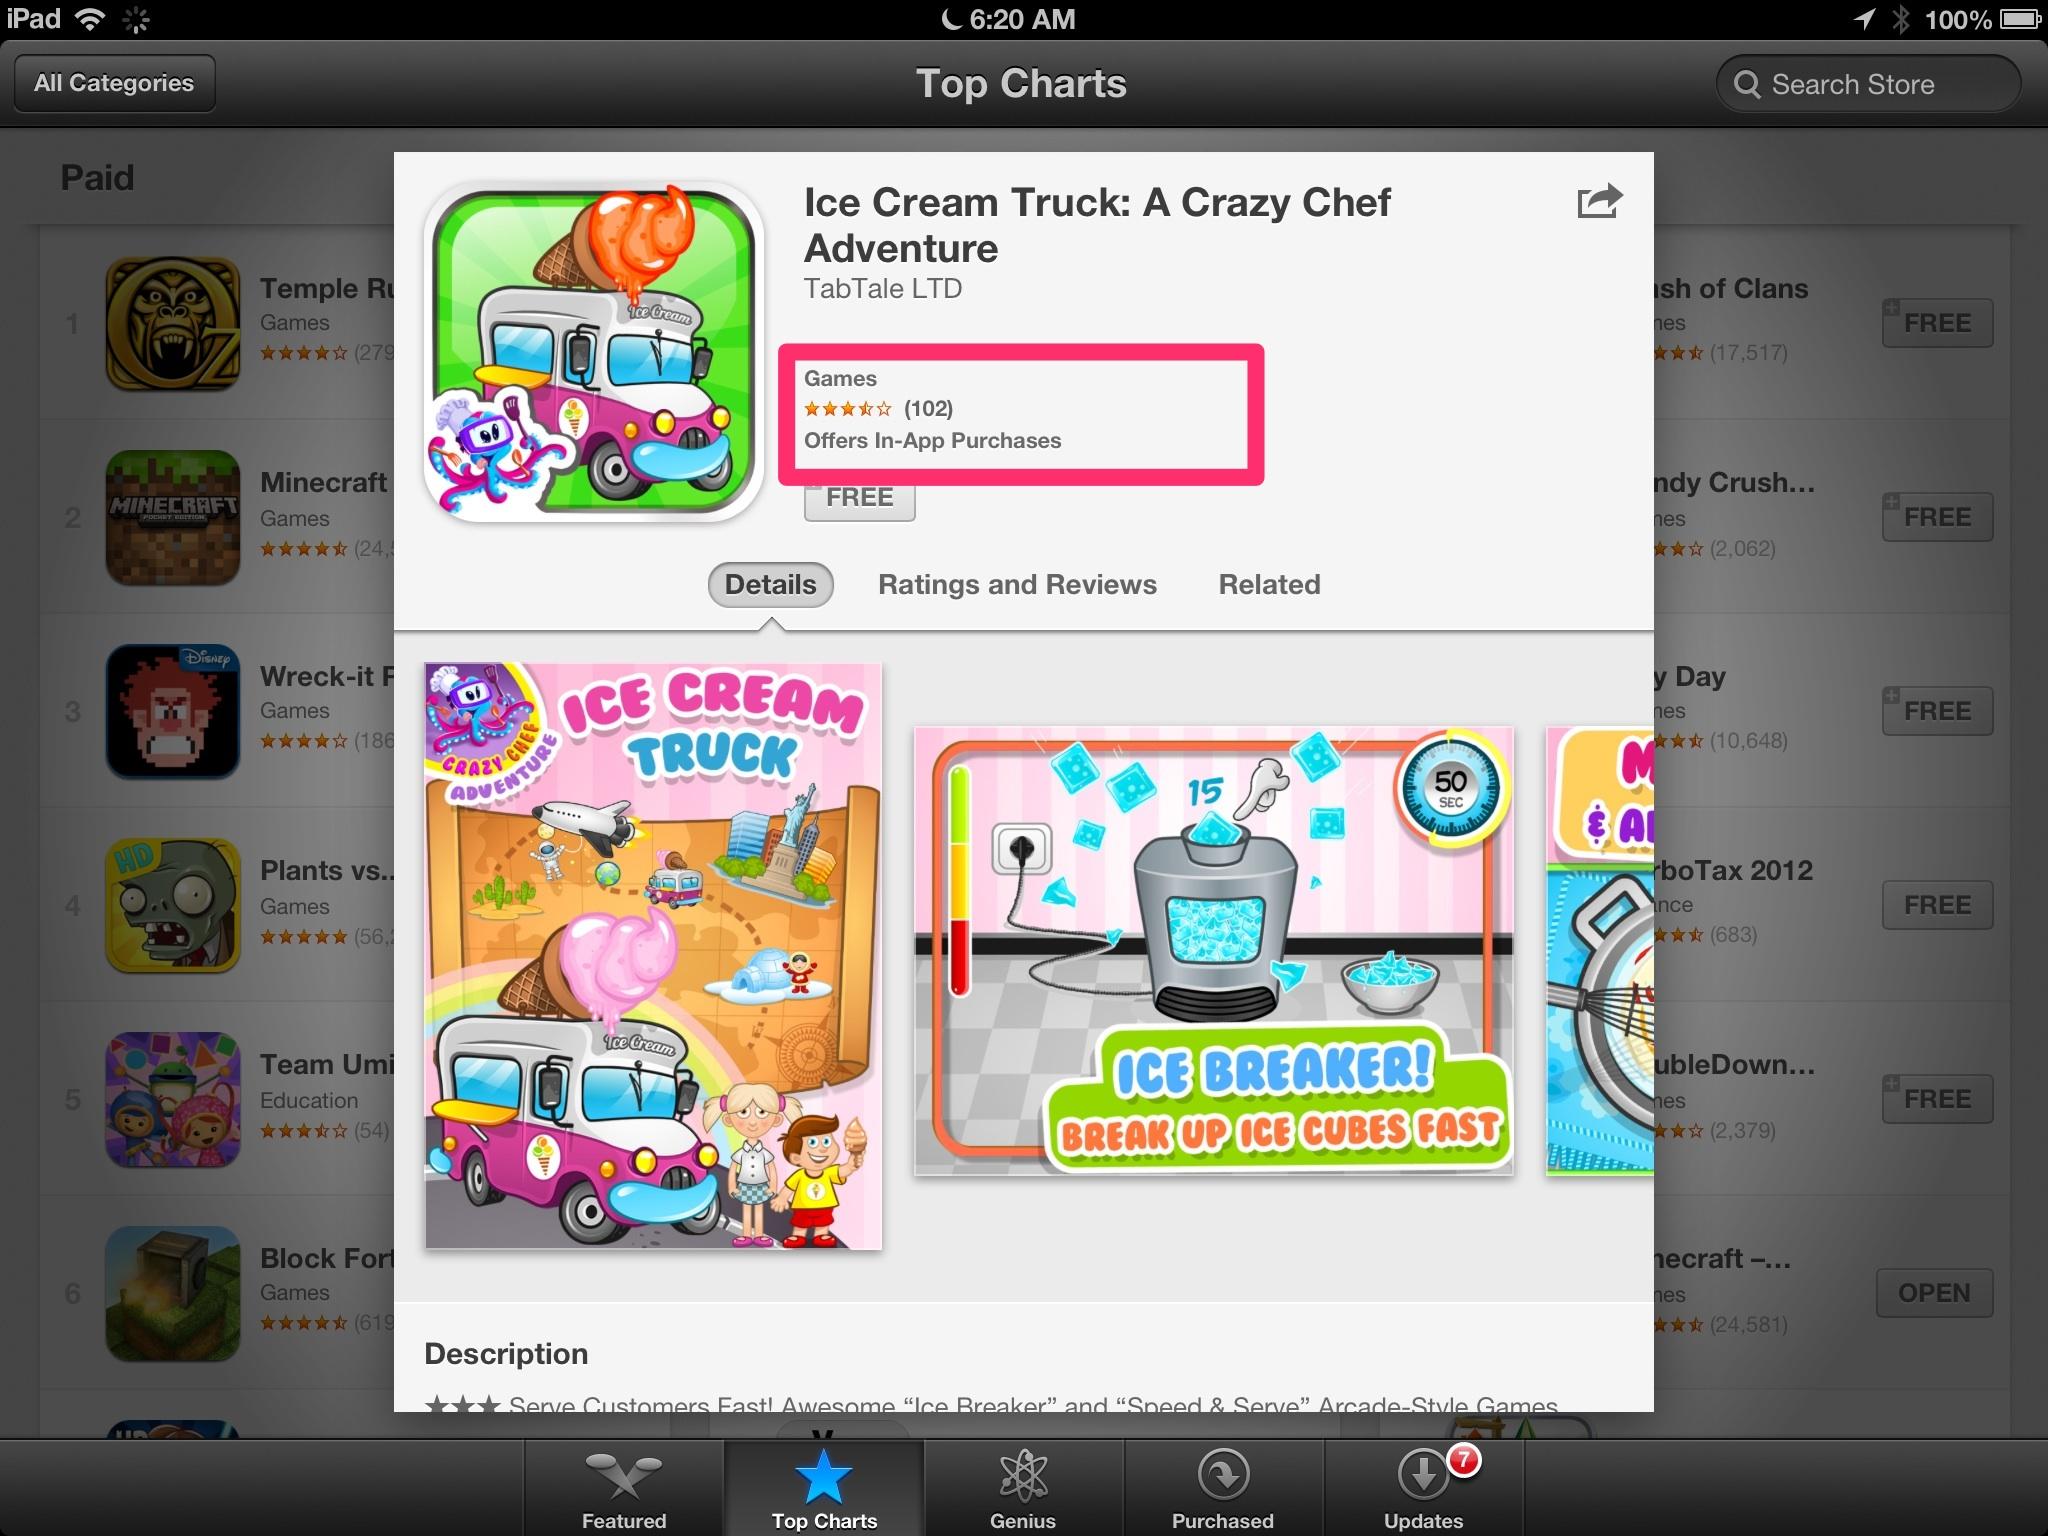 Apple adds In App Warning to Feemuim Games